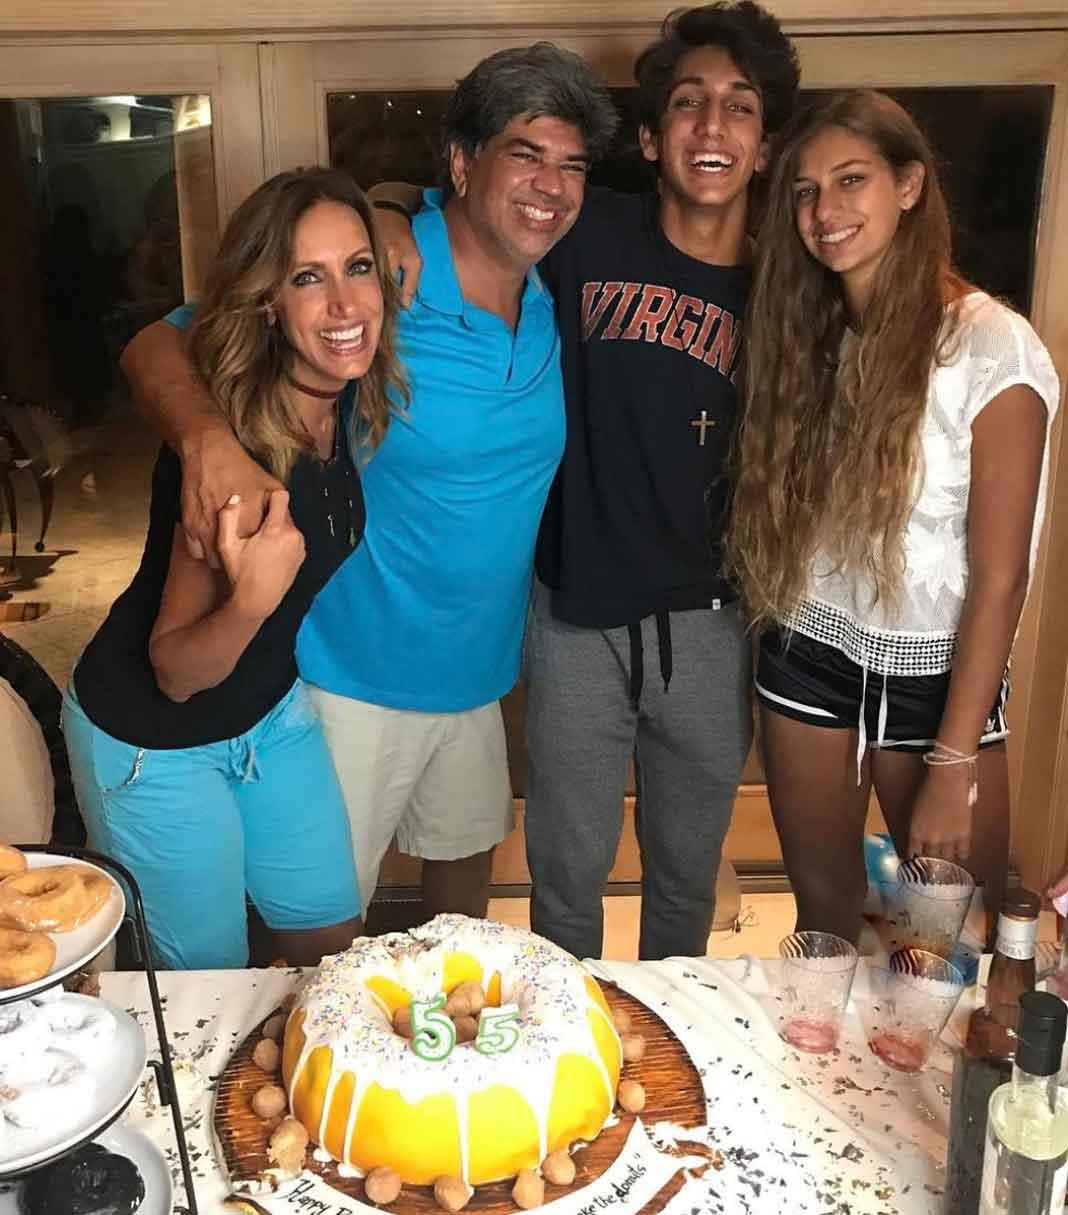 De las últimas veces que los vimos juntos, en el cumpleaños 55 de Lorenzo en julio del 2017